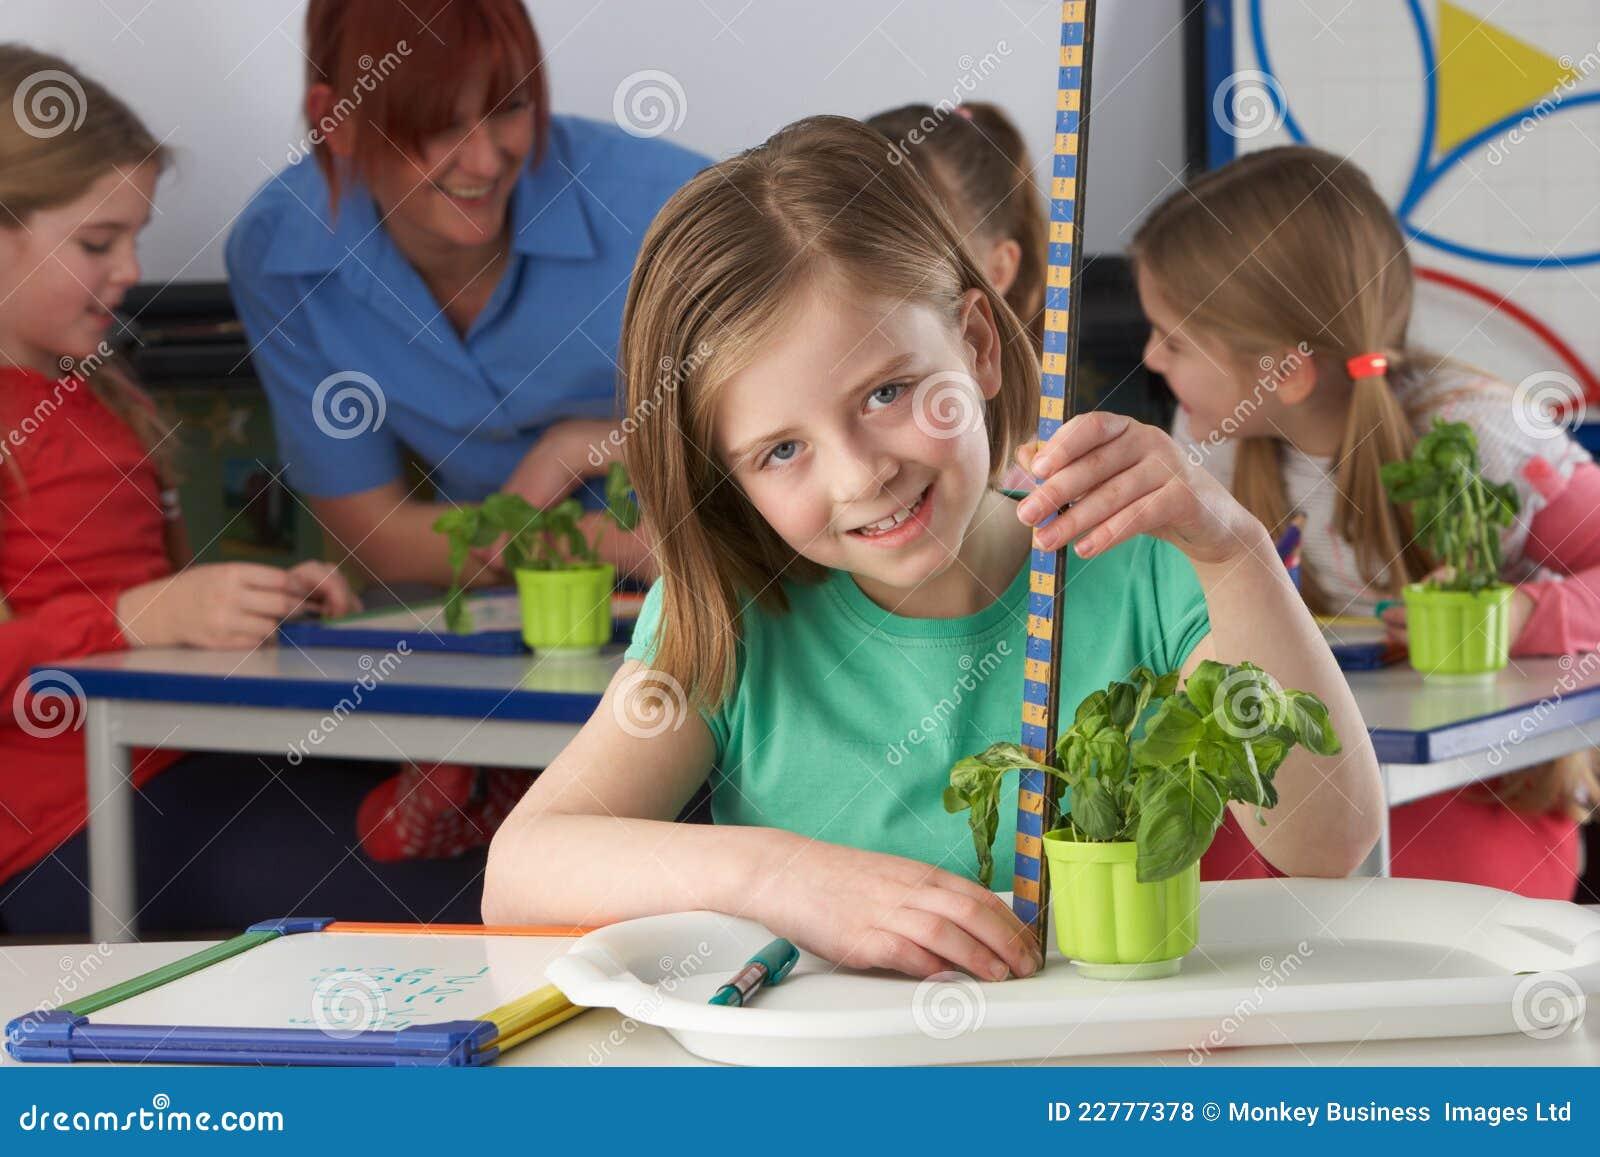 Κορίτσι που μαθαίνει για τα φυτά στη σχολική τάξη